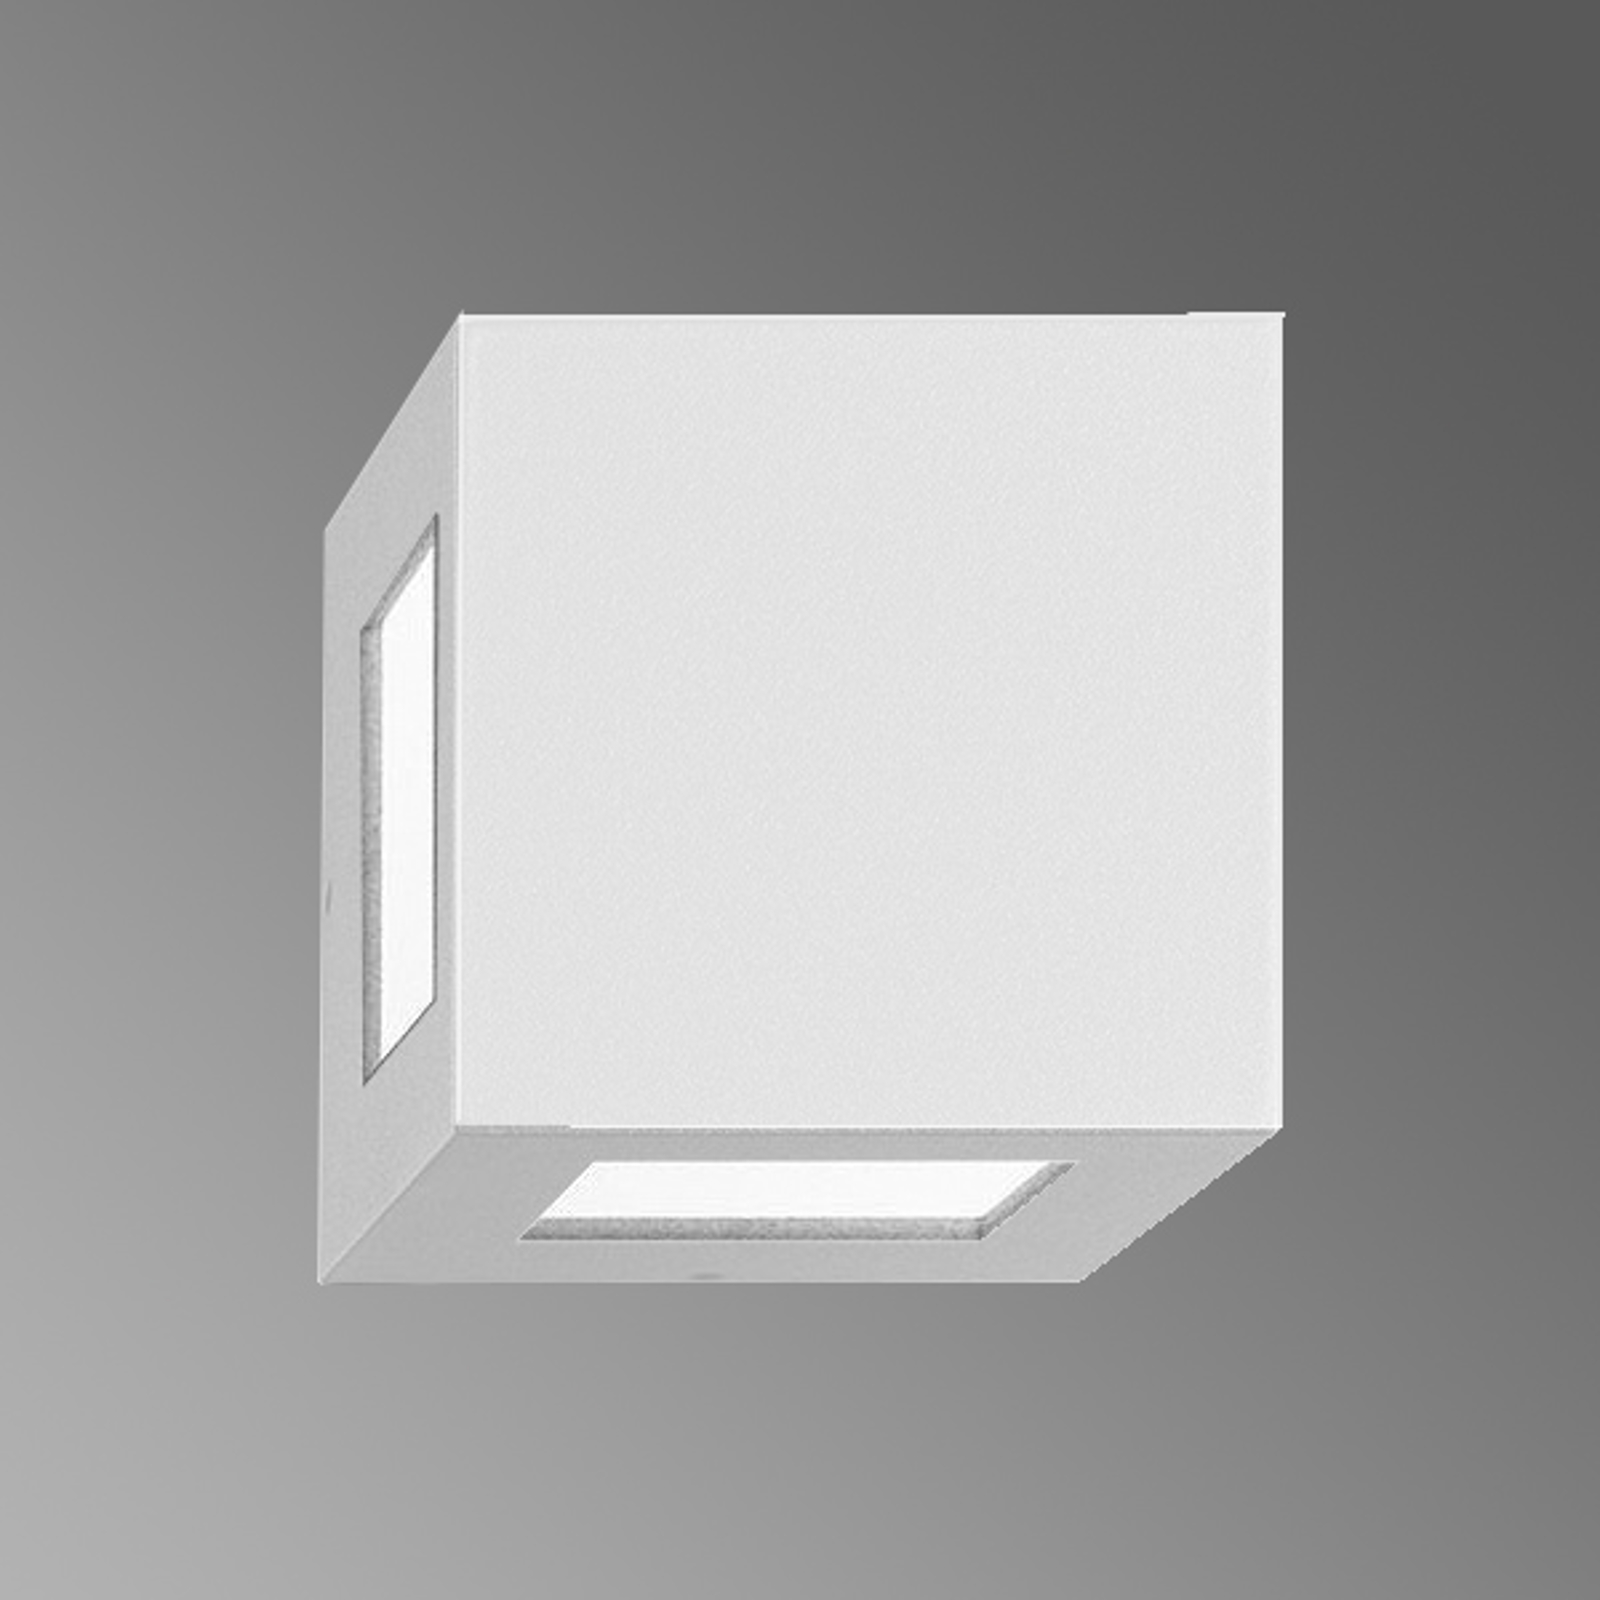 Außen-Wandleuchte 700274 in Weiß, 1NB+1W